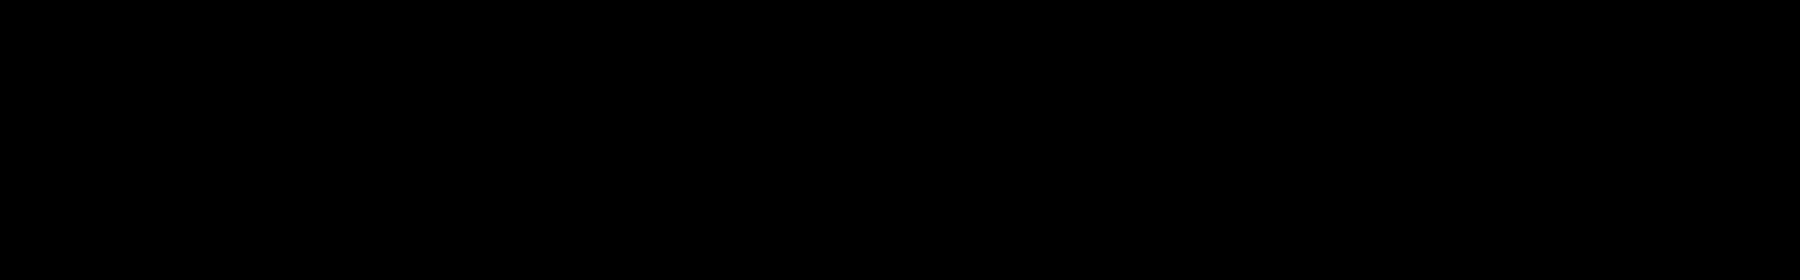 Swurve audio waveform